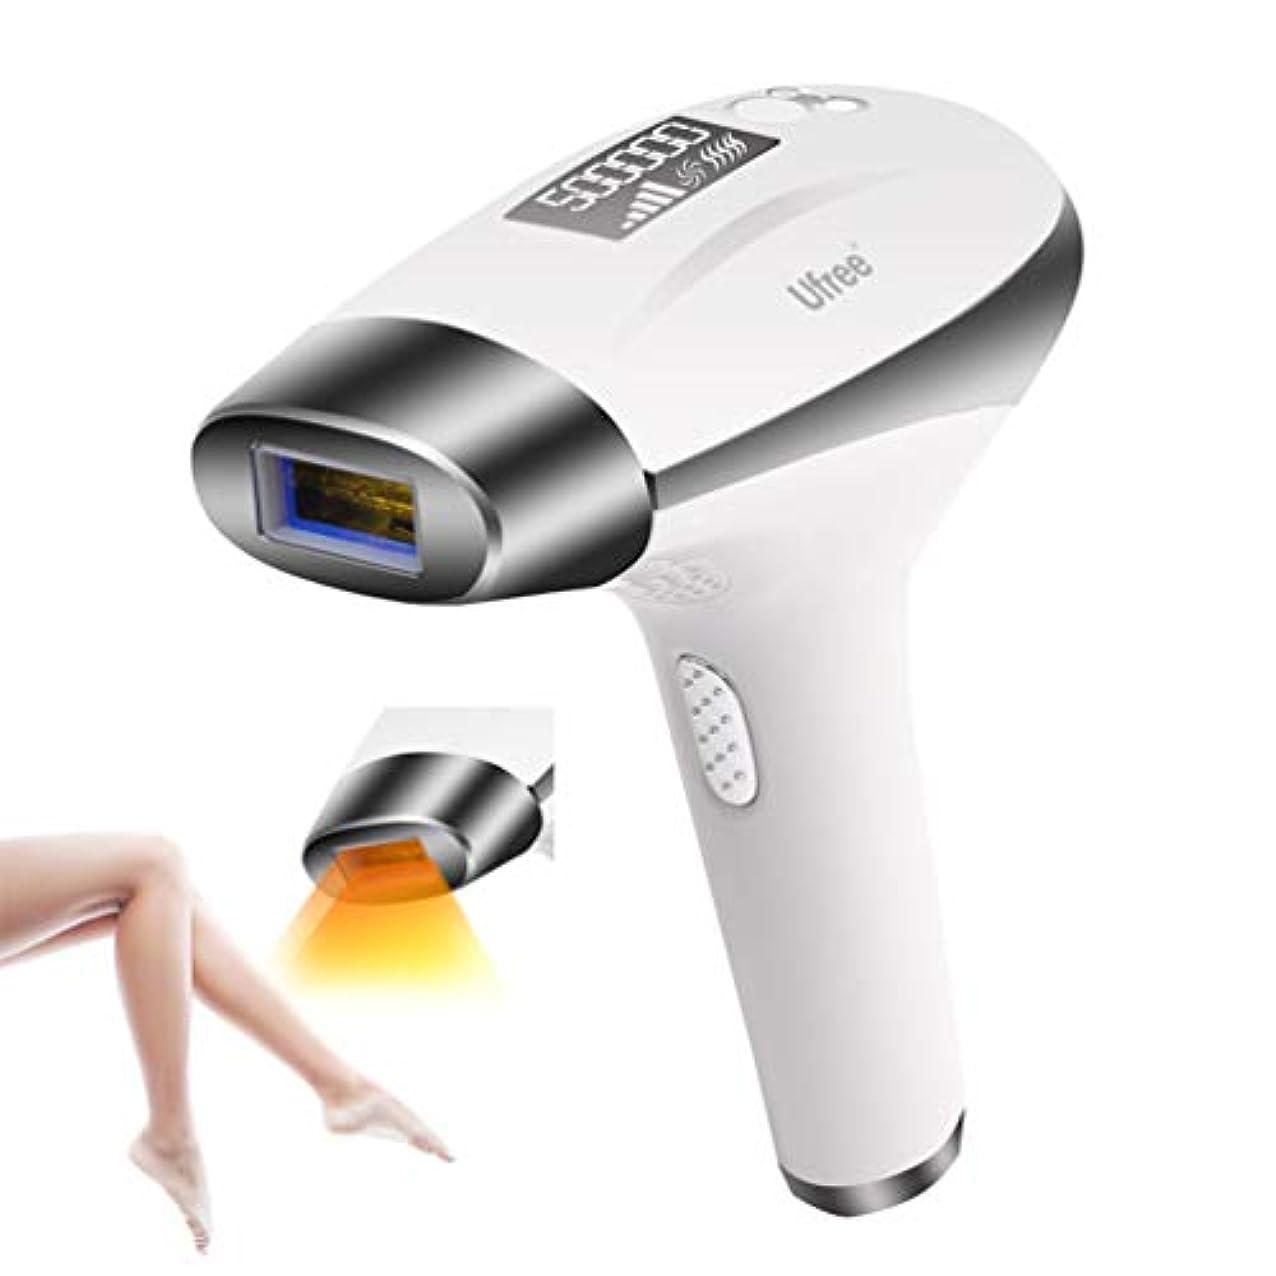 通り抜けるスムーズに篭女性の男性の体の顔とビキニ脇の下の痛みのない永久的な美容デバイスのポータブルレーザー脱毛ライト脱毛器